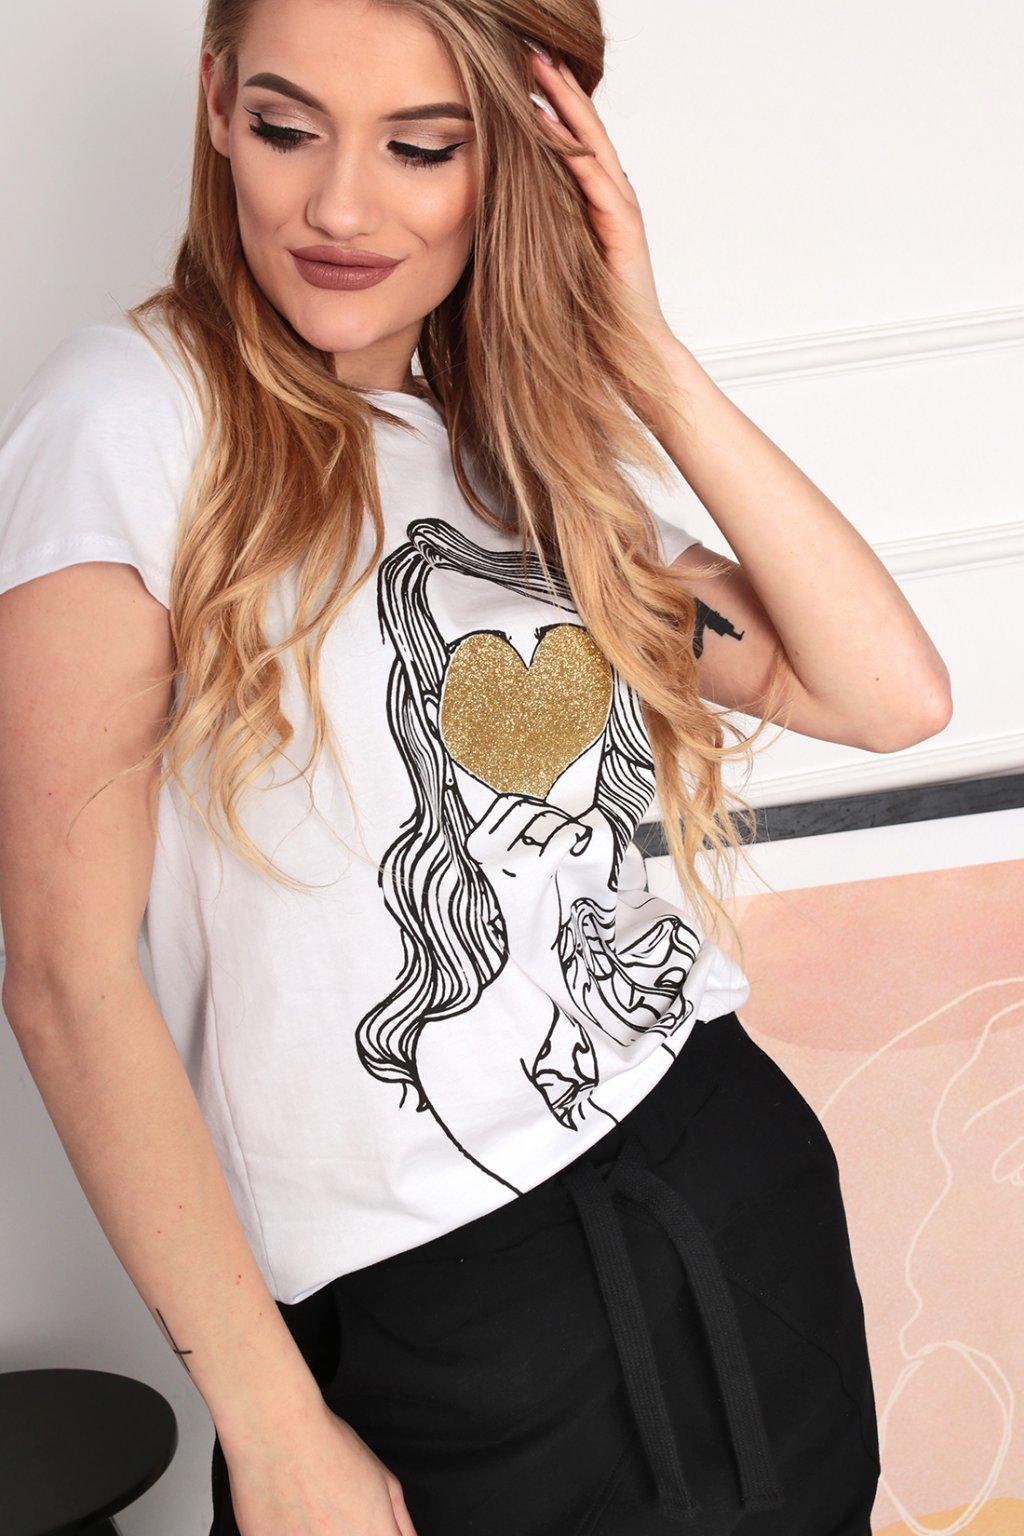 Biele tričko so zlatým srdiečkom